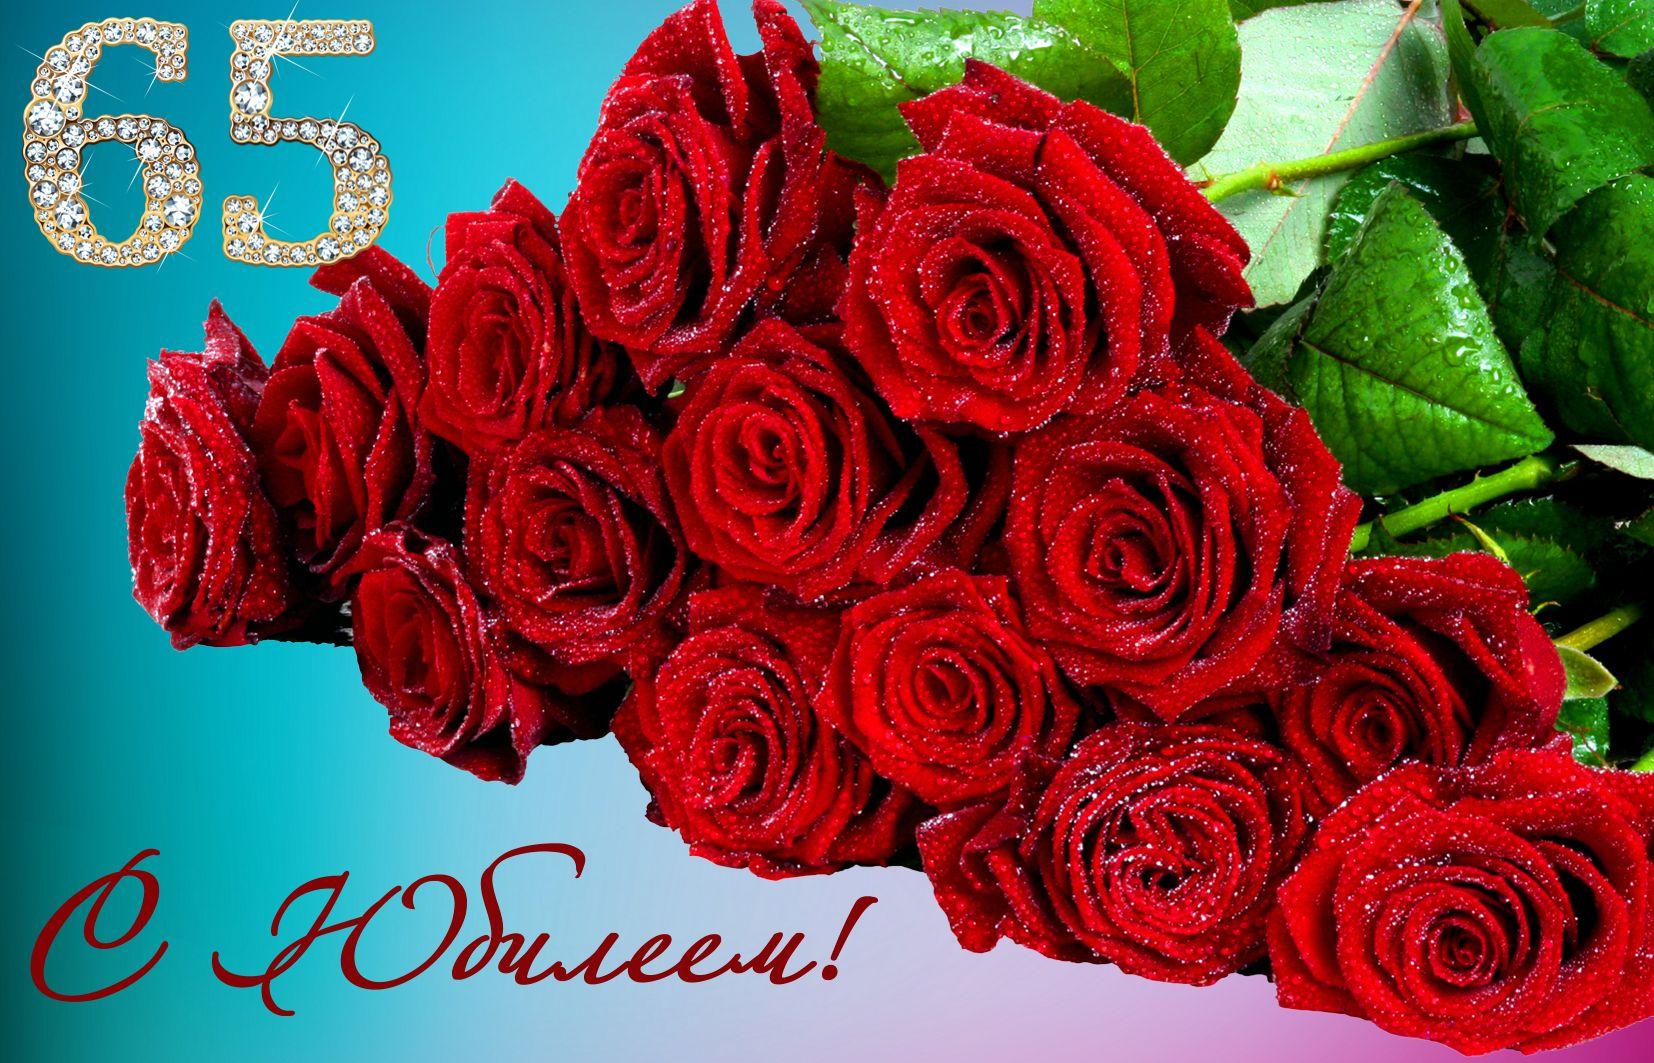 Красные розы в капельках росы